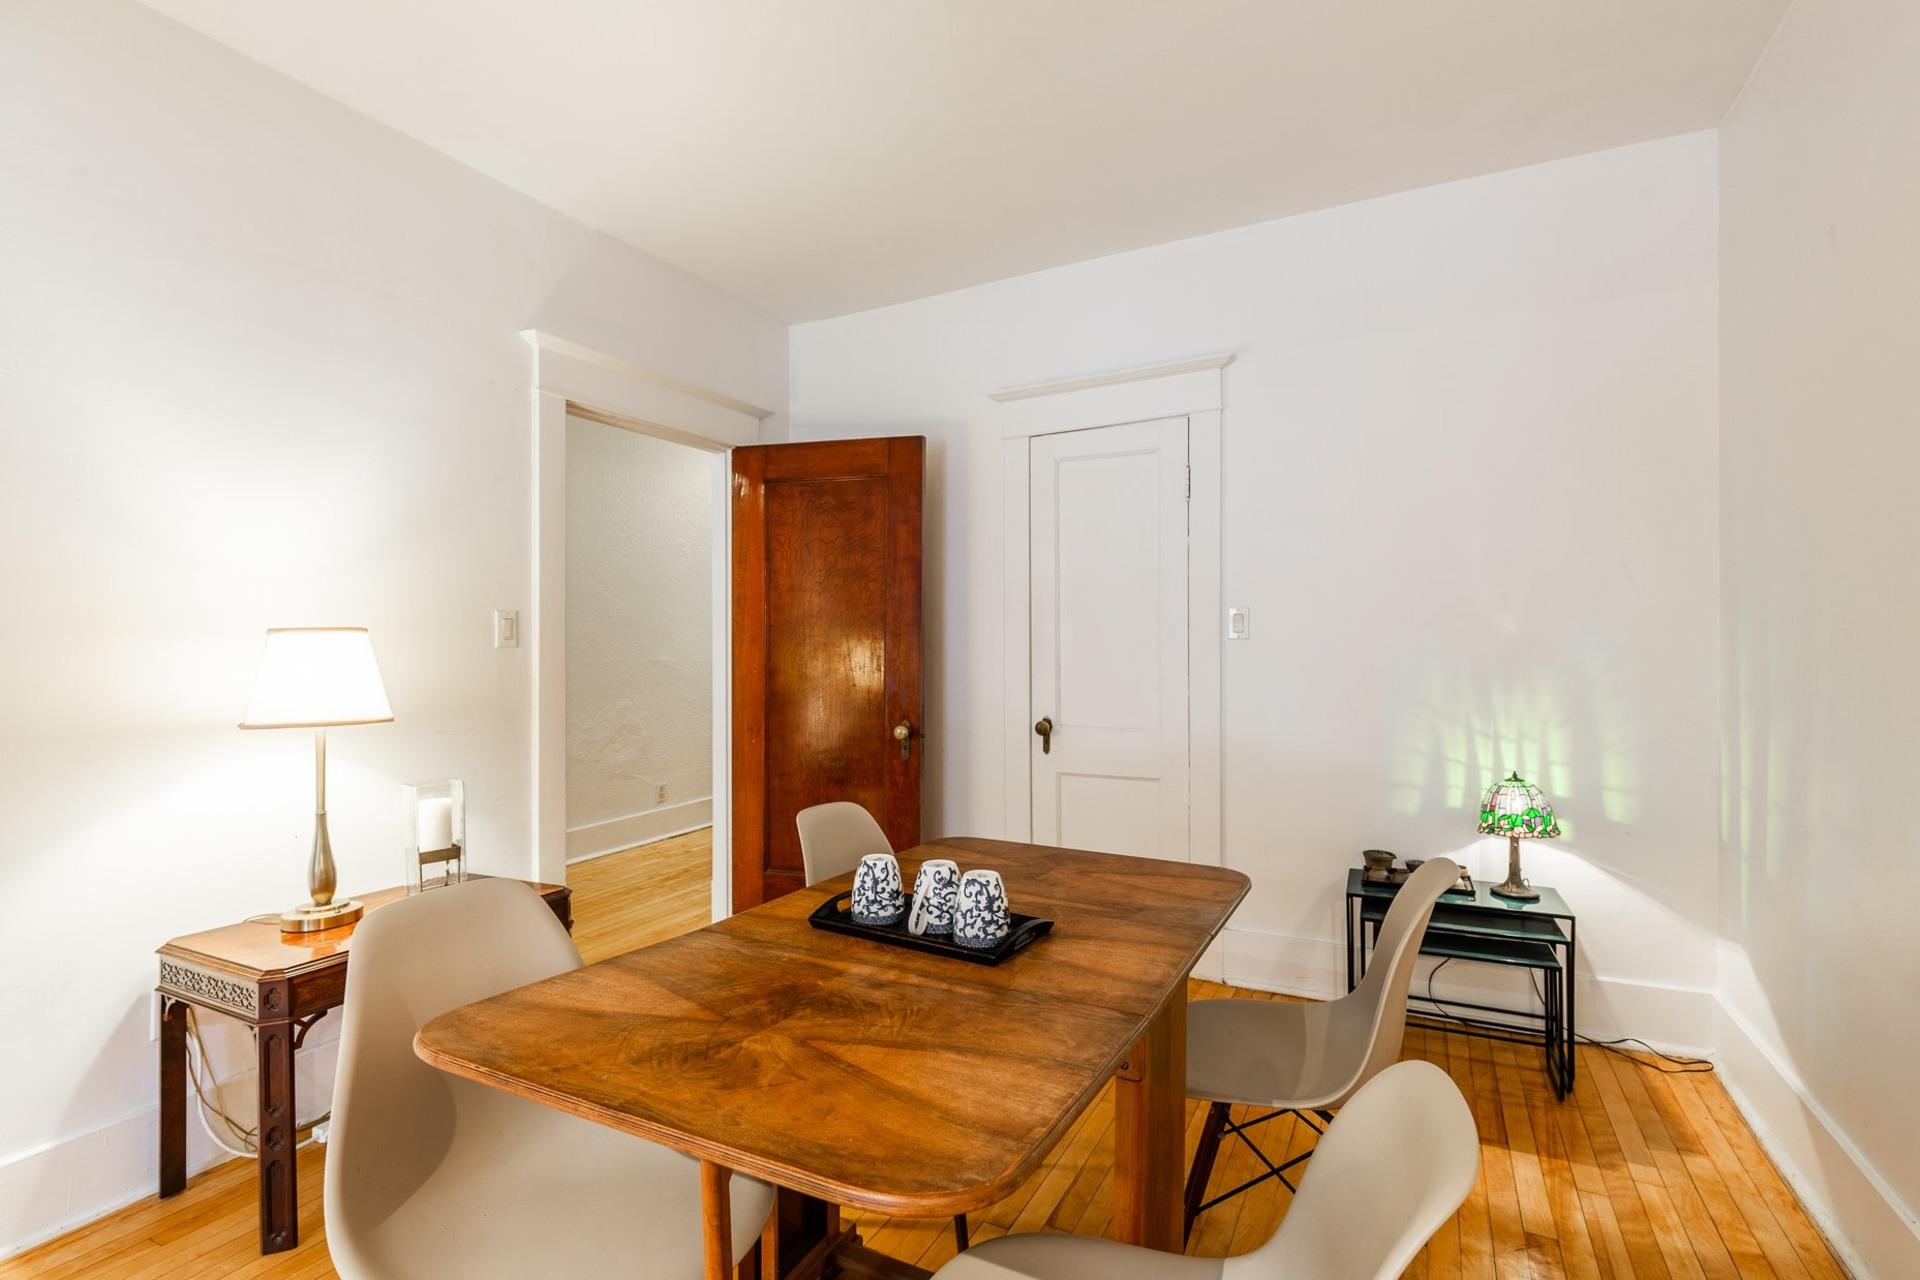 image 9 - Appartement À vendre Le Plateau-Mont-Royal Montréal  - 6 pièces